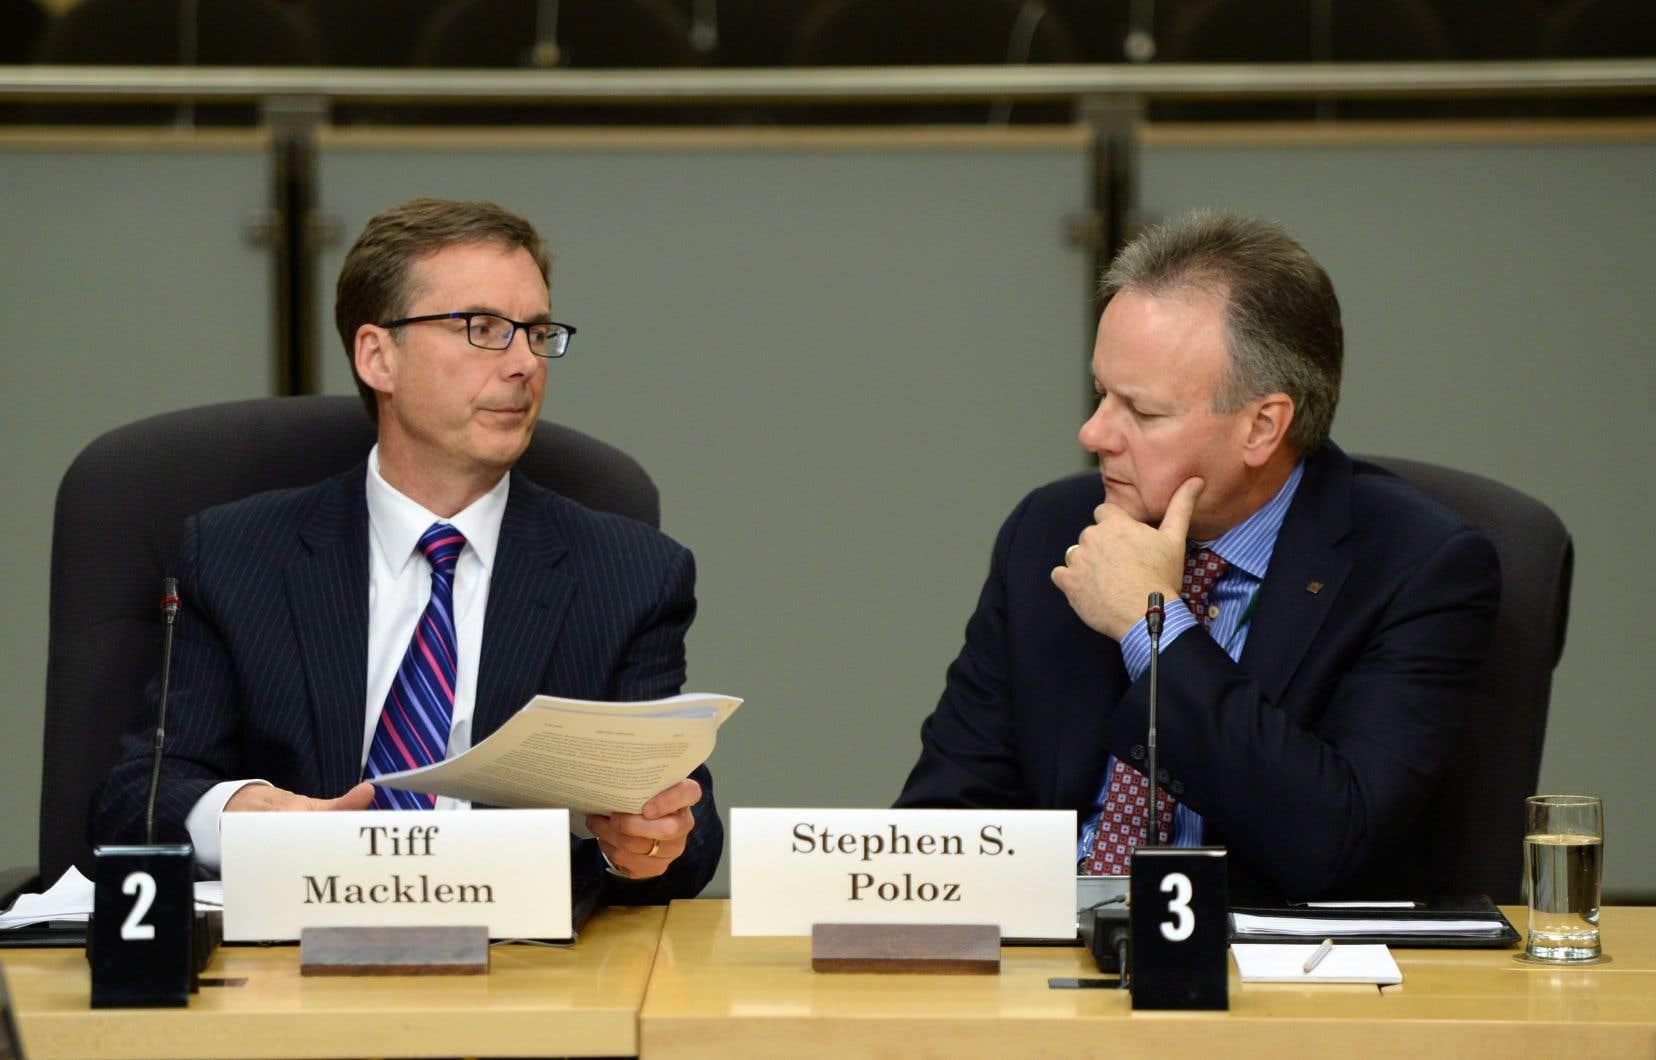 Tiff Macklem remplaceraStephen Poloz au poste de gouverneur de la Banque du Canada.